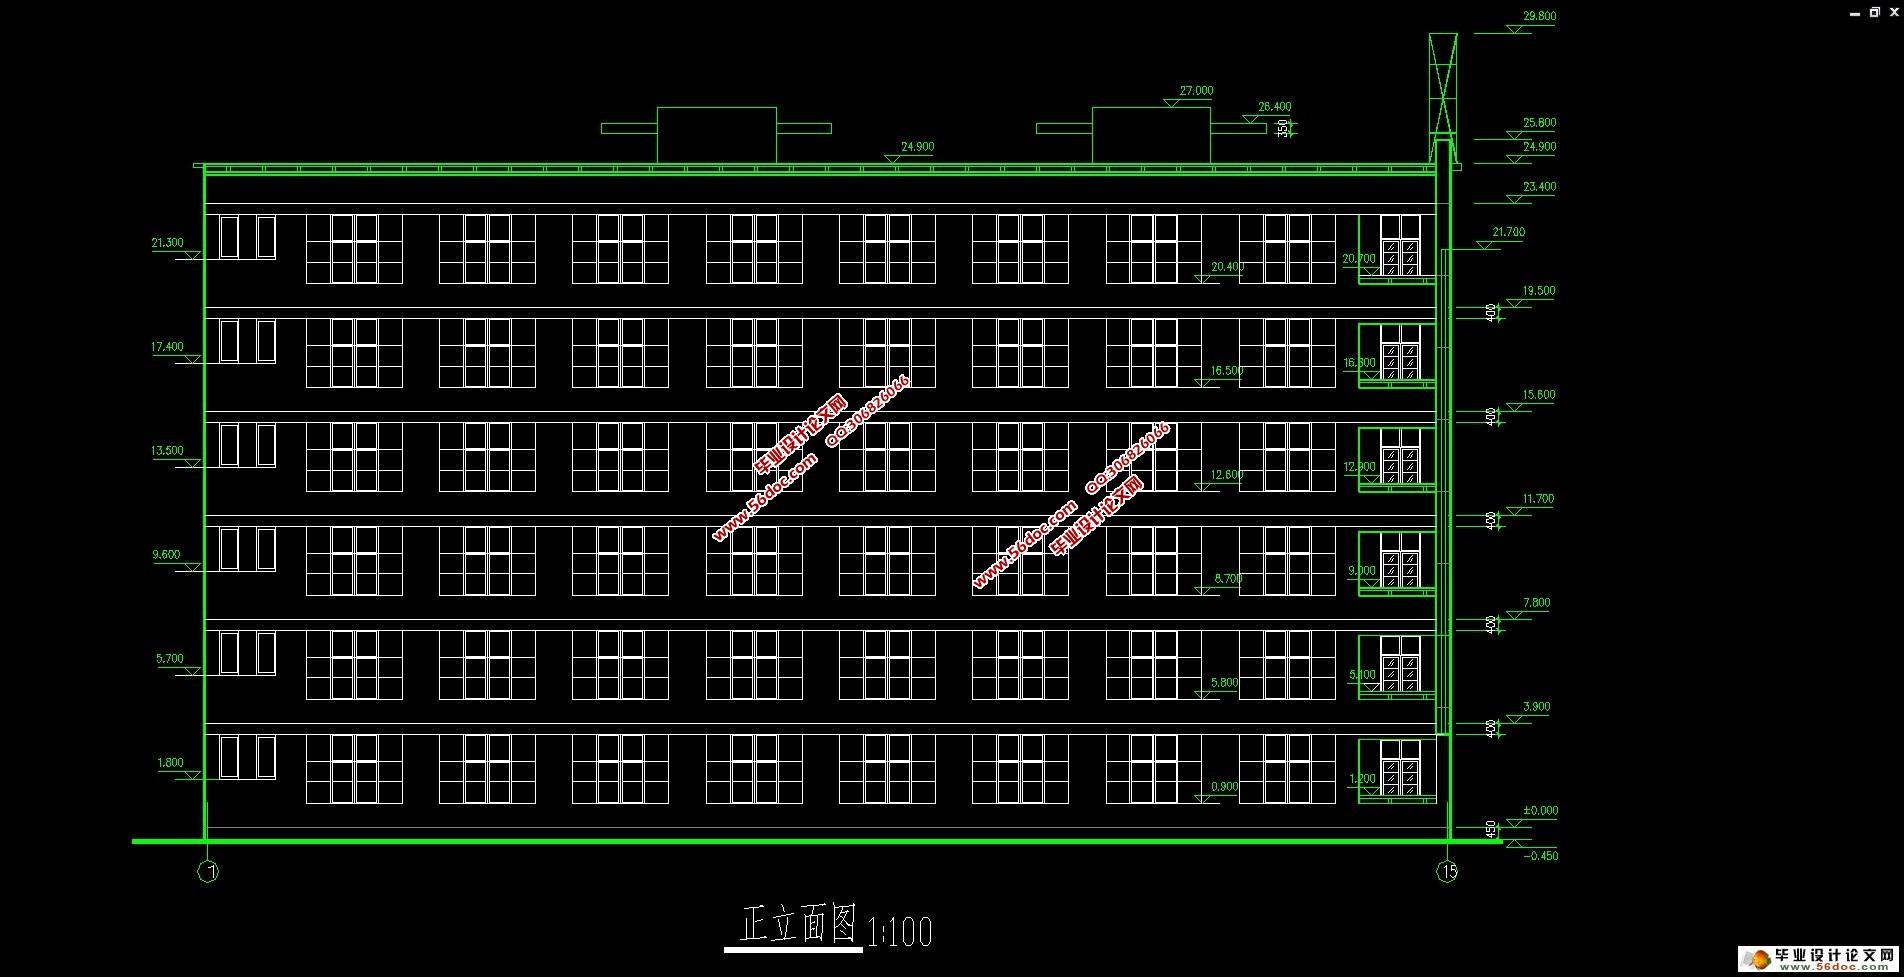 楼盖及屋盖均采用现浇钢筋混凝土框架结构